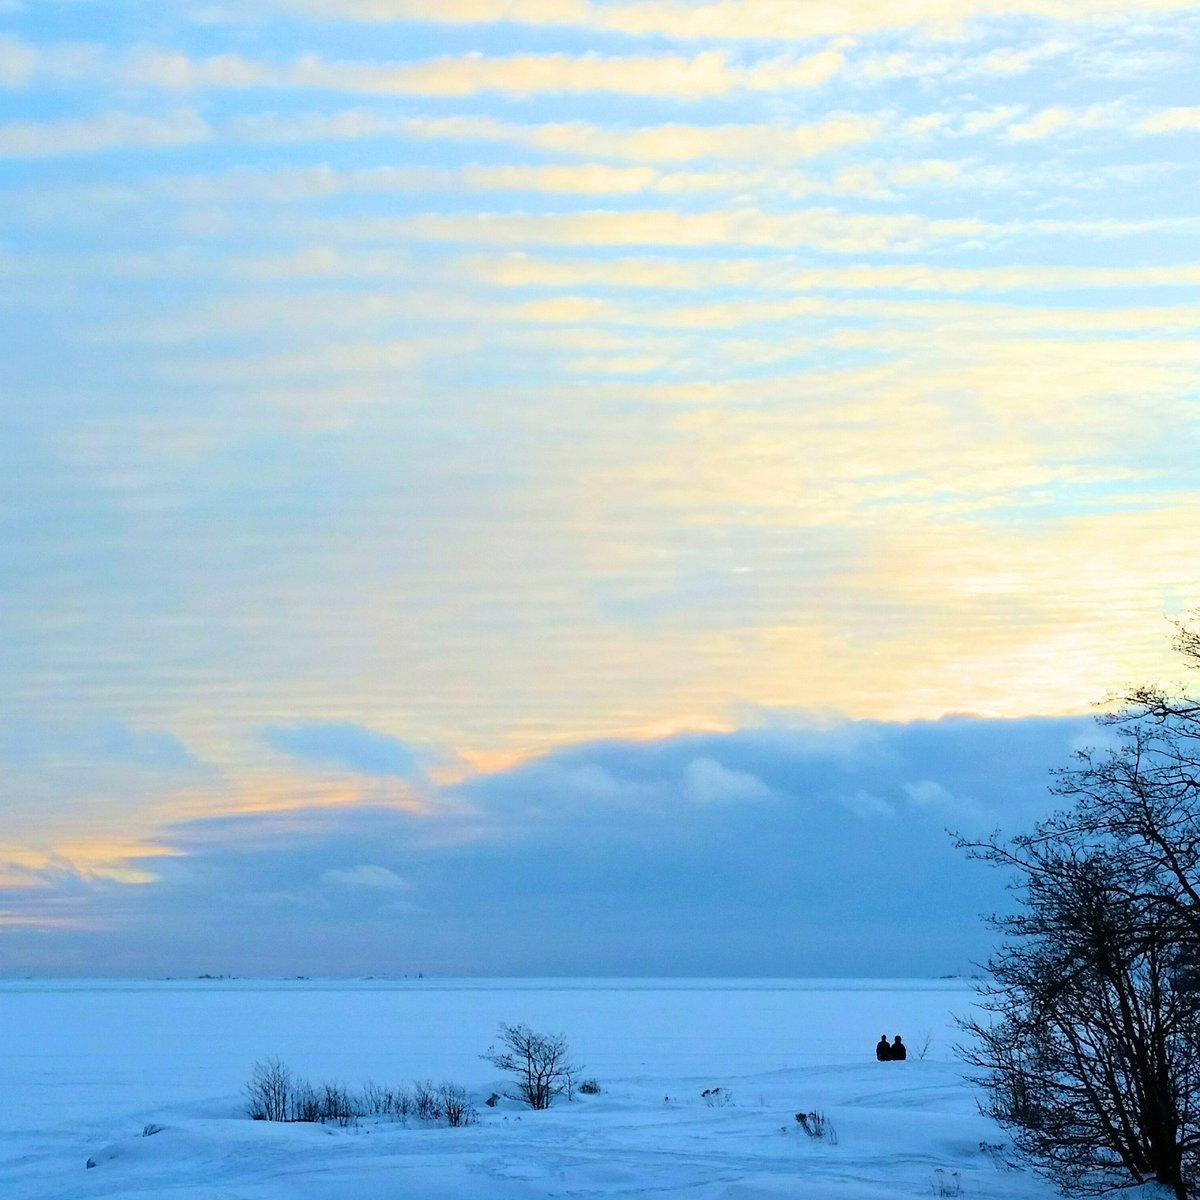 Winter is back in #Helsinki! So white. So blue. #winterwonderland #Finland #traveltips #travelblog #matkablogi #suomiretki #wanderlust<br>http://pic.twitter.com/bUGcbvT1UE